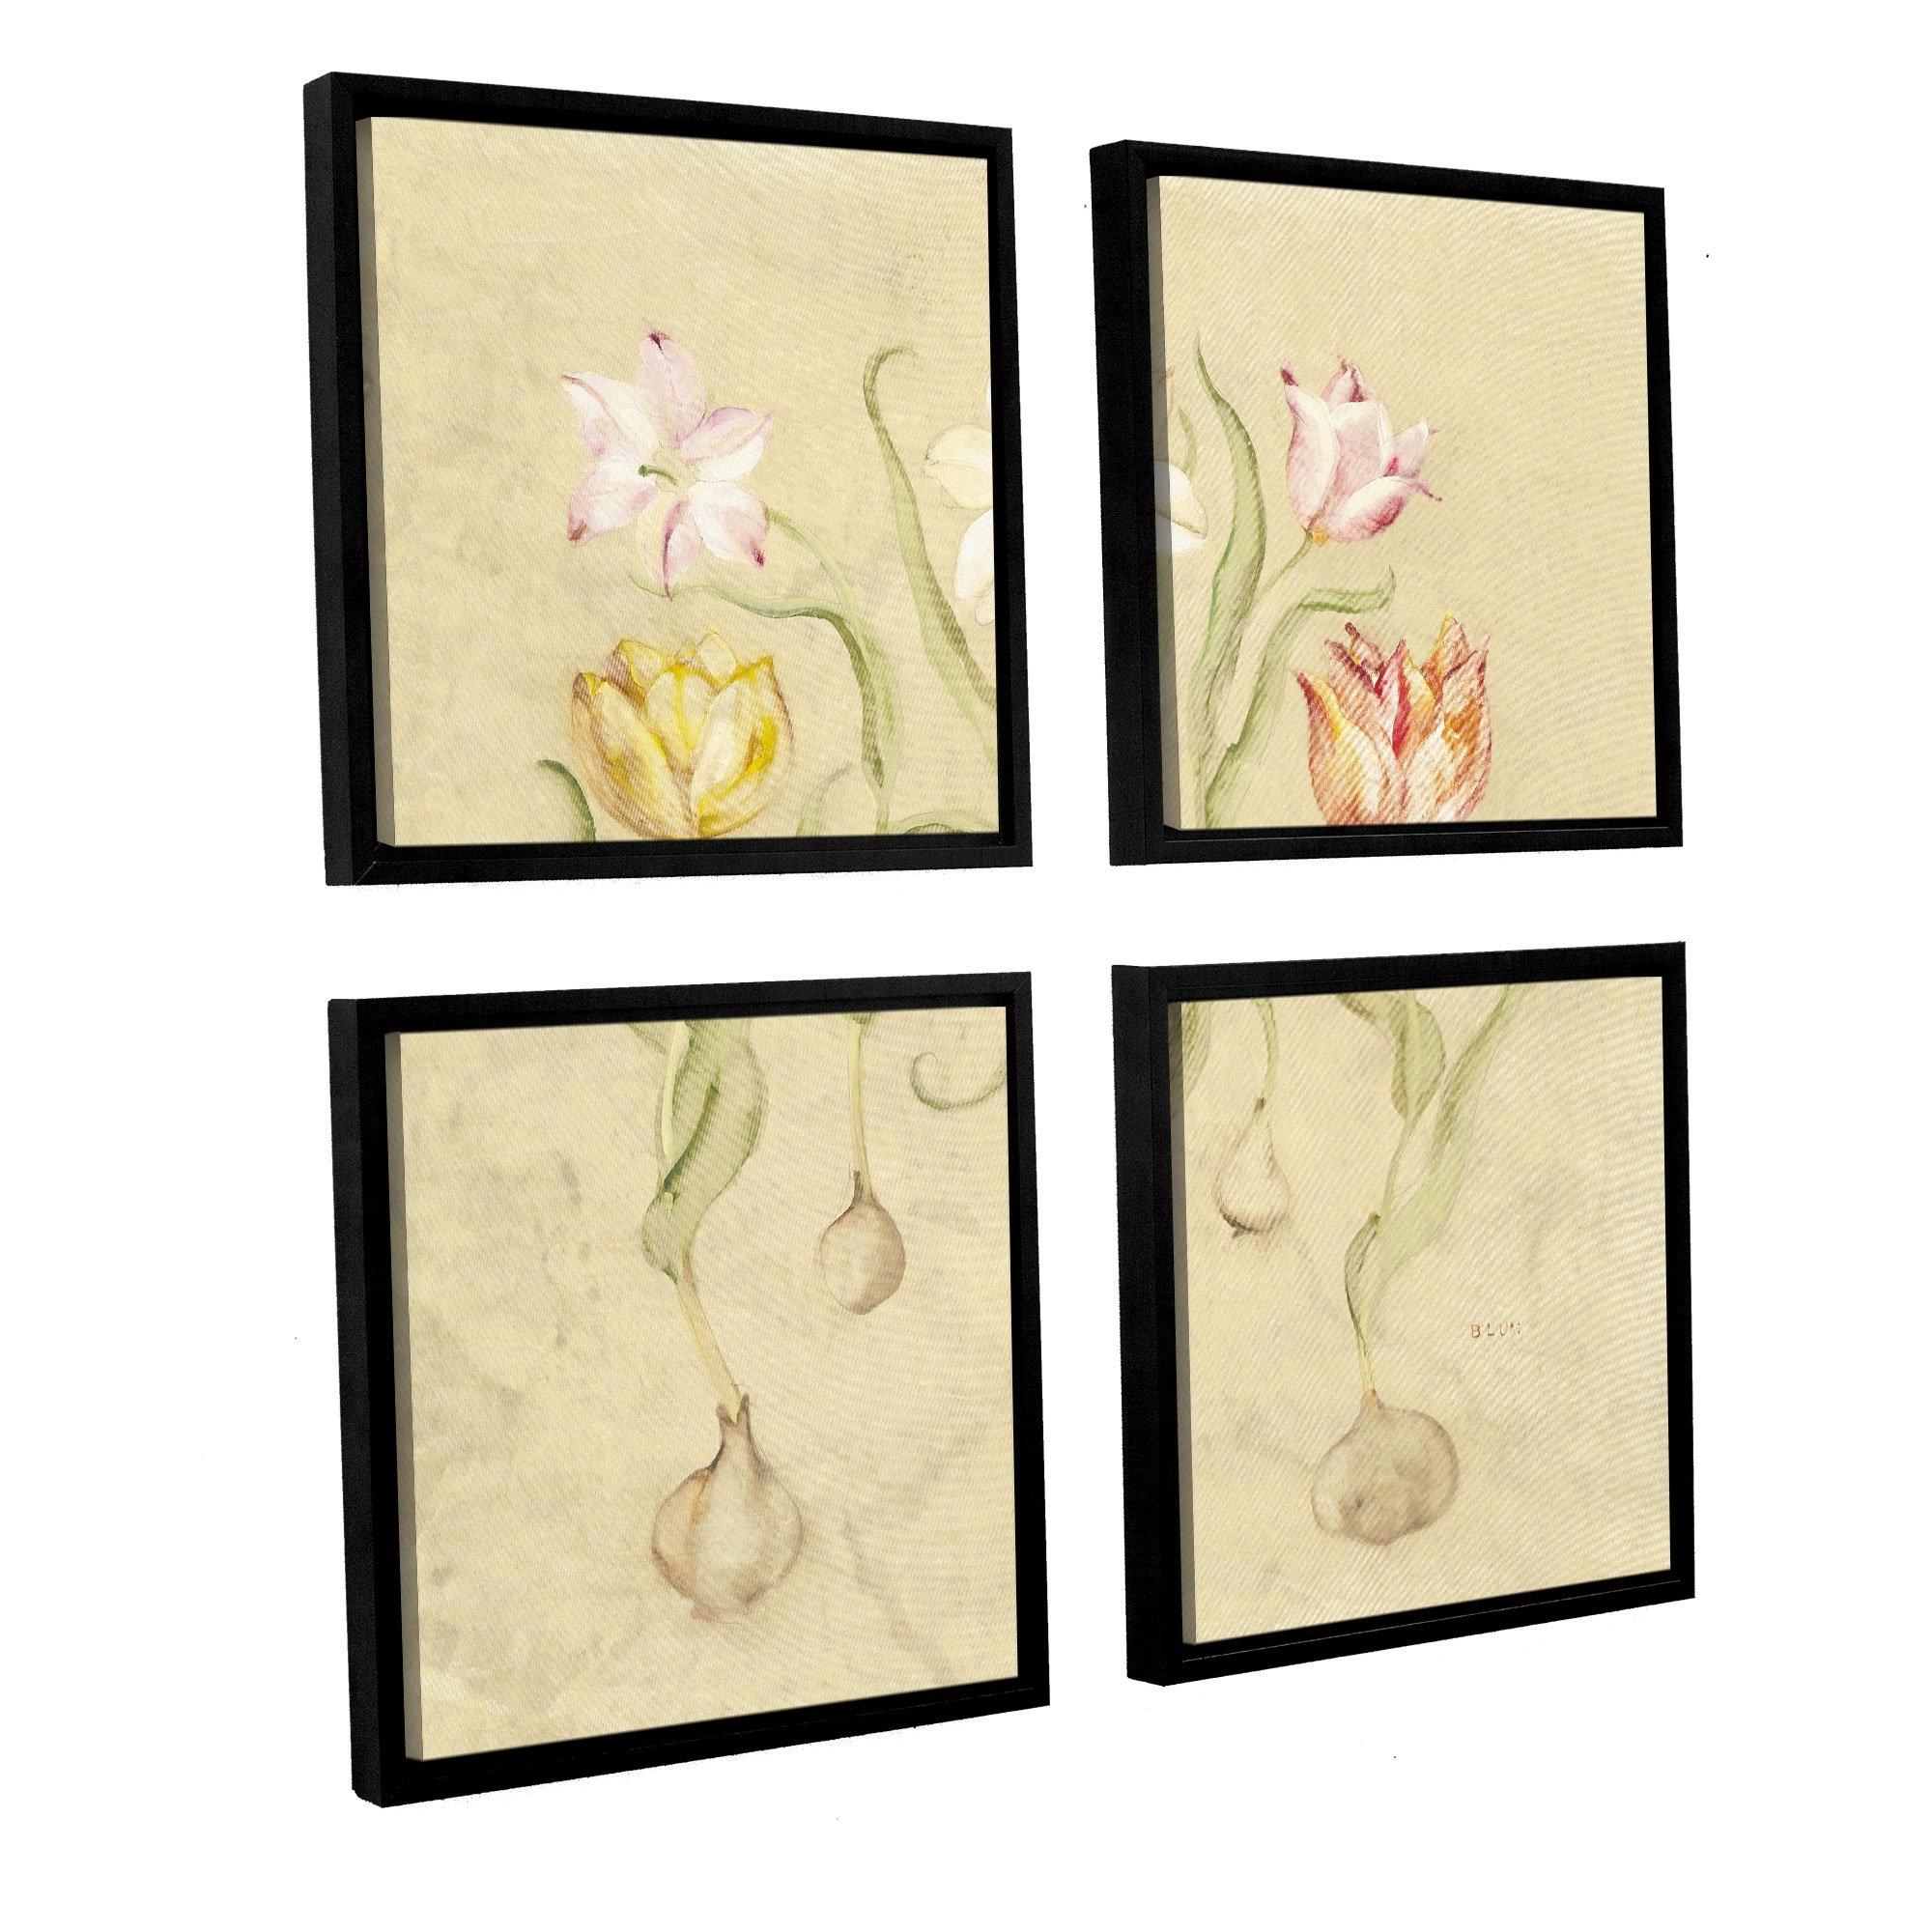 Artwall 'dancing Bulbs I'cheri Blum 4 Piece Framed Pertaining To 2018 Cheri Blum Framed Art Prints (View 7 of 15)